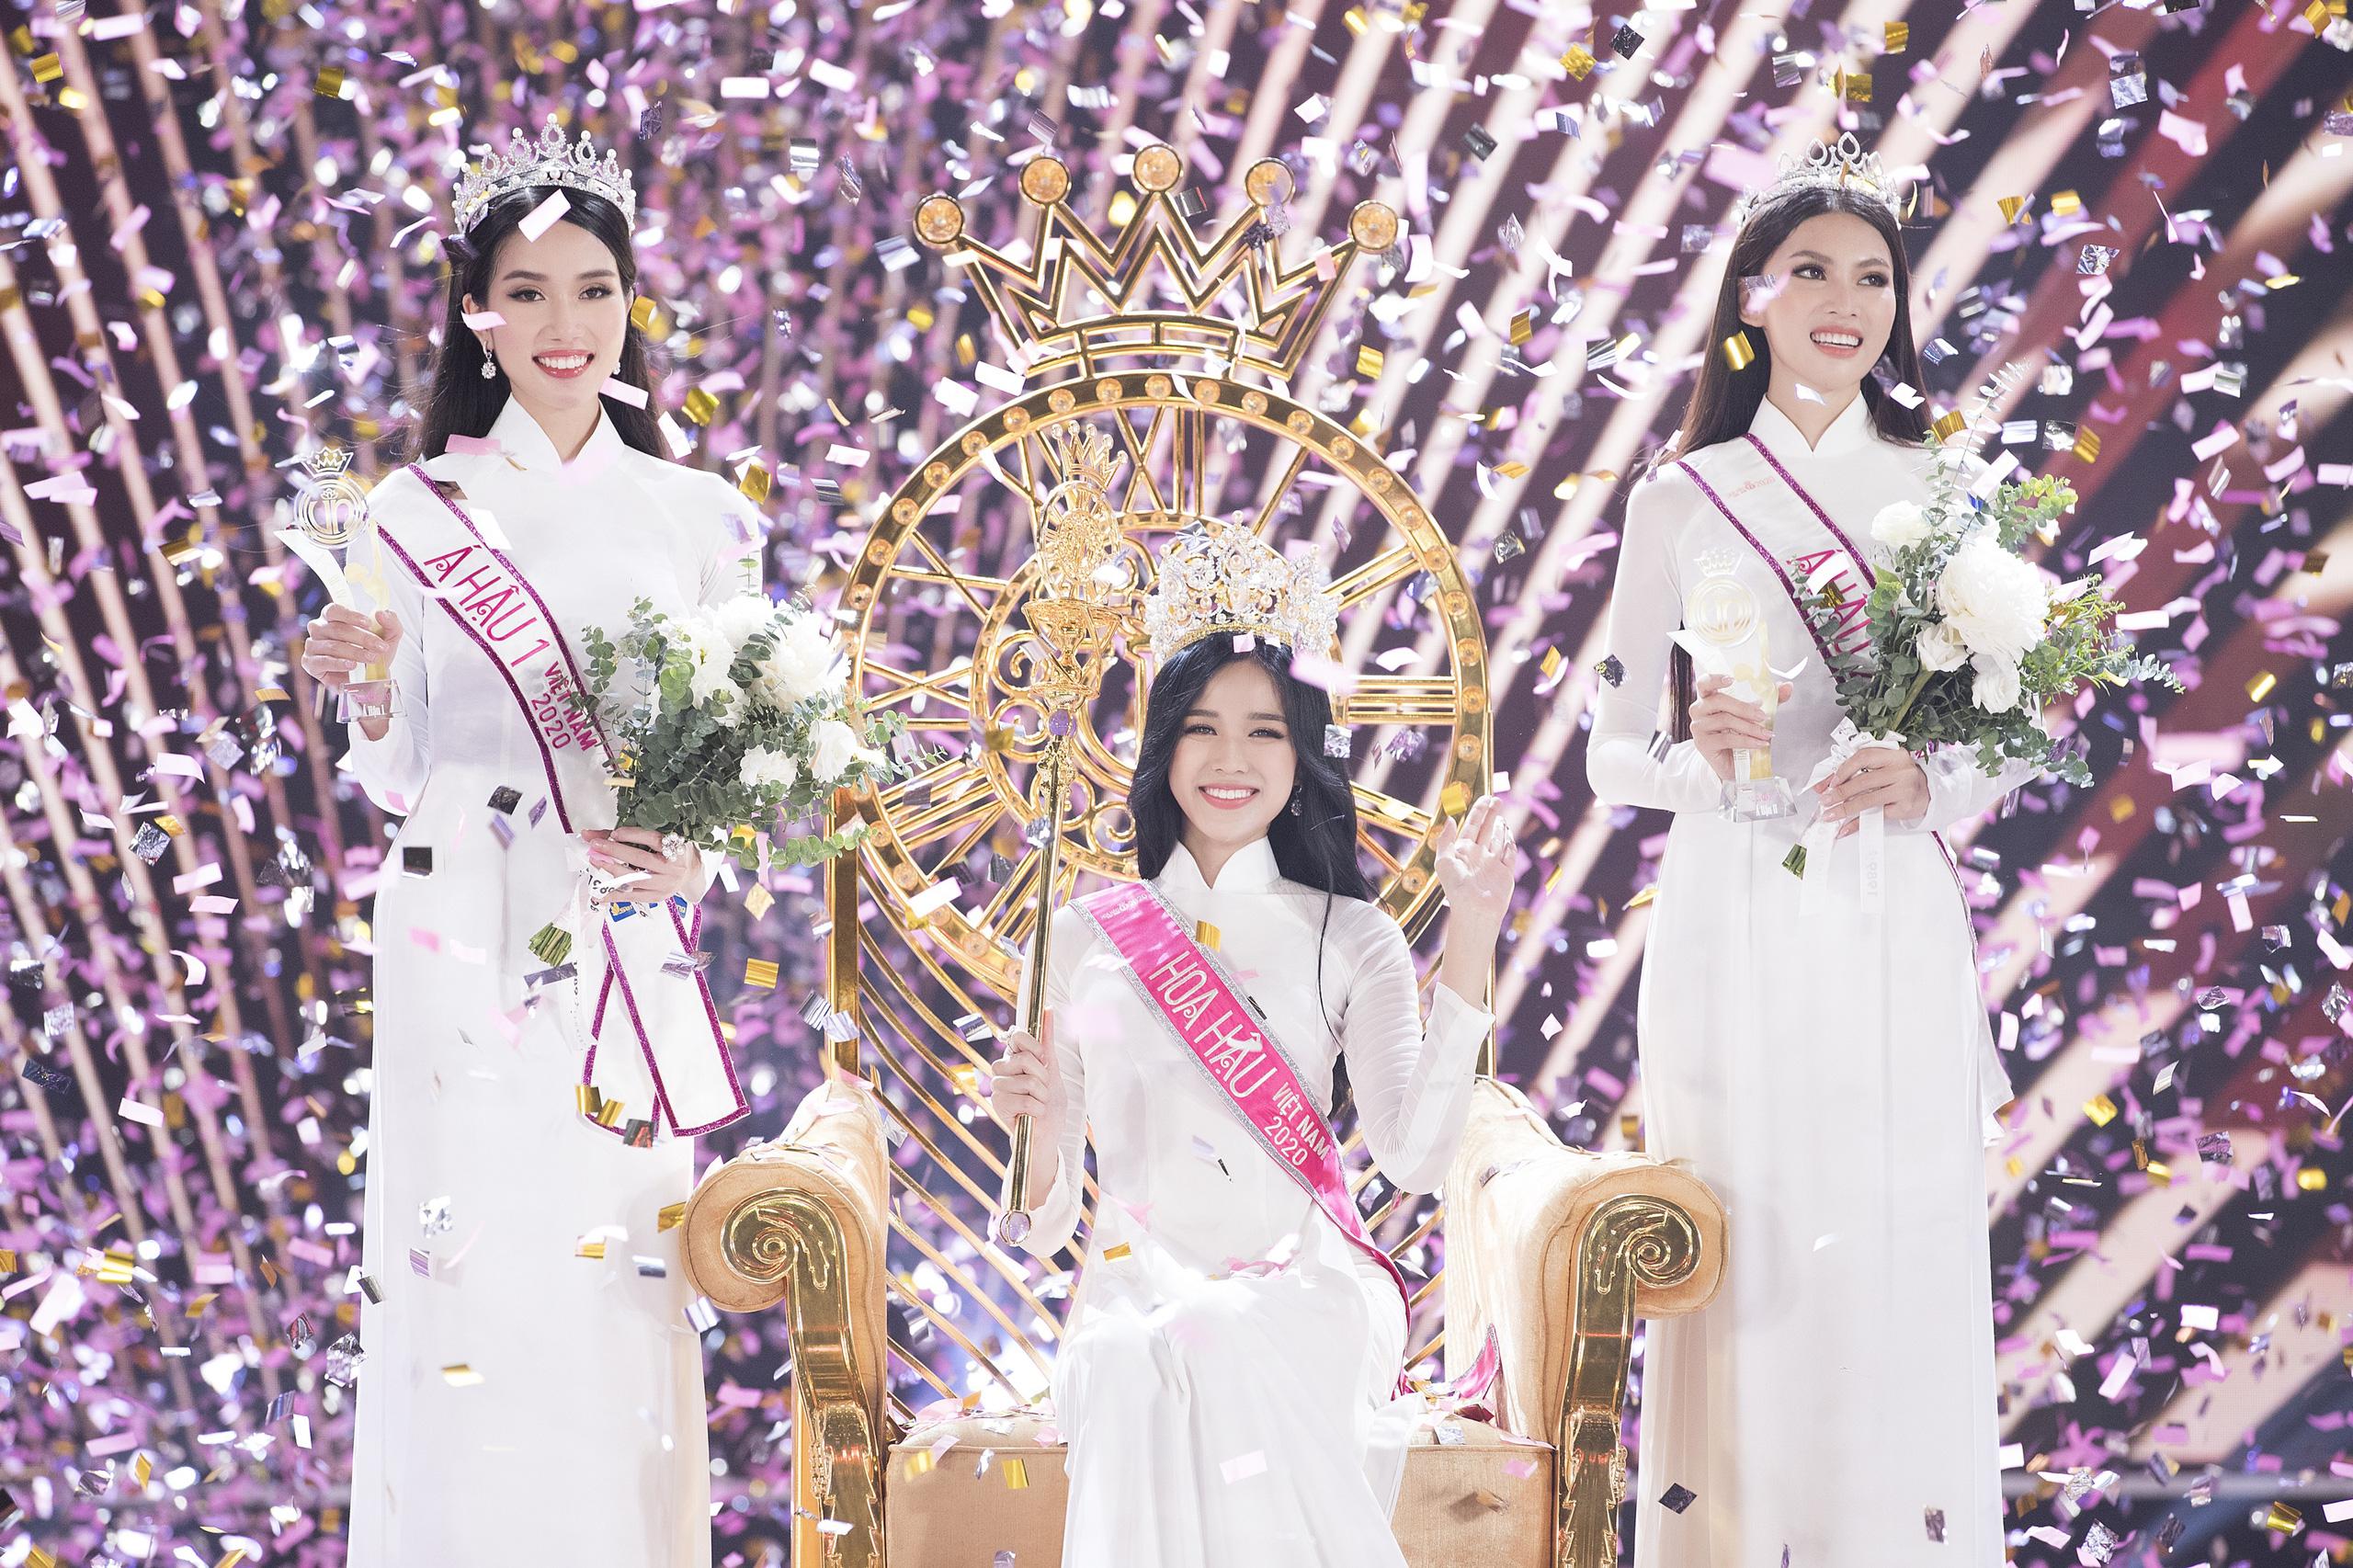 Chung kết HHVN 2020 chọn áo dài trắng nhạt nhoà làm trang phục đăng quang, khiến người xem thắc mắc: Giải Hoa khôi trường hay gì? - Ảnh 1.